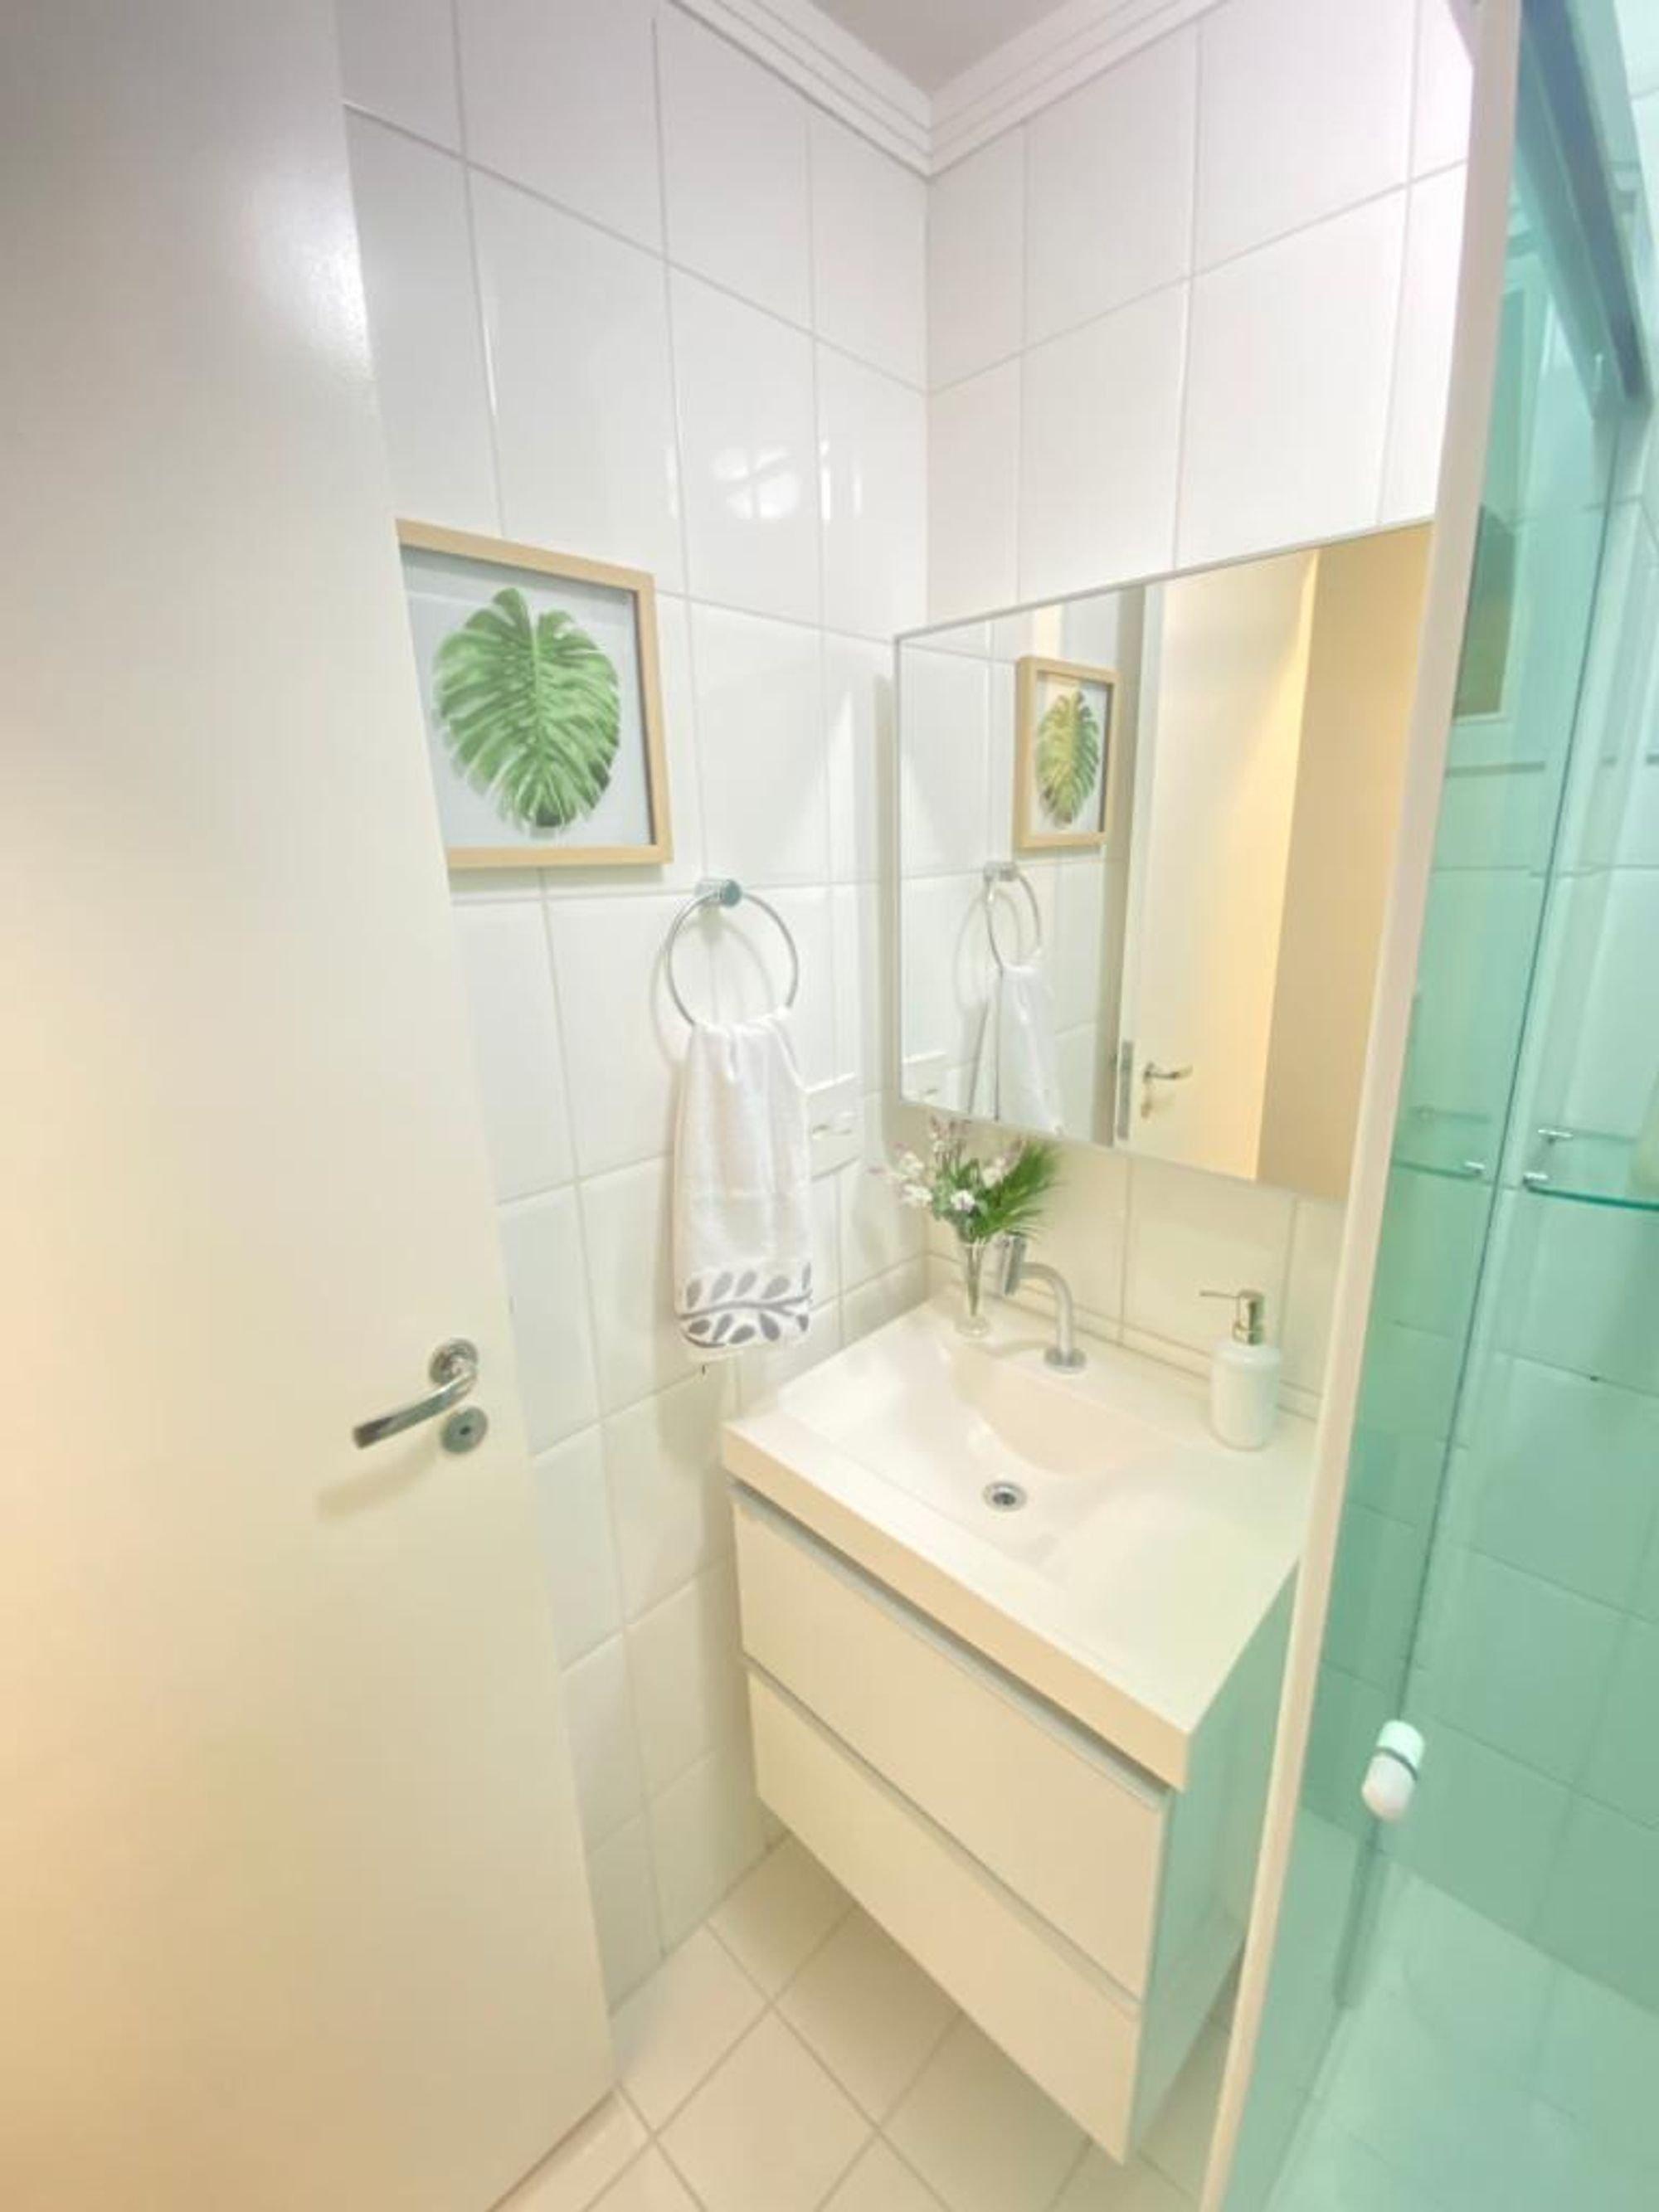 Foto de Banheiro com vaso de planta